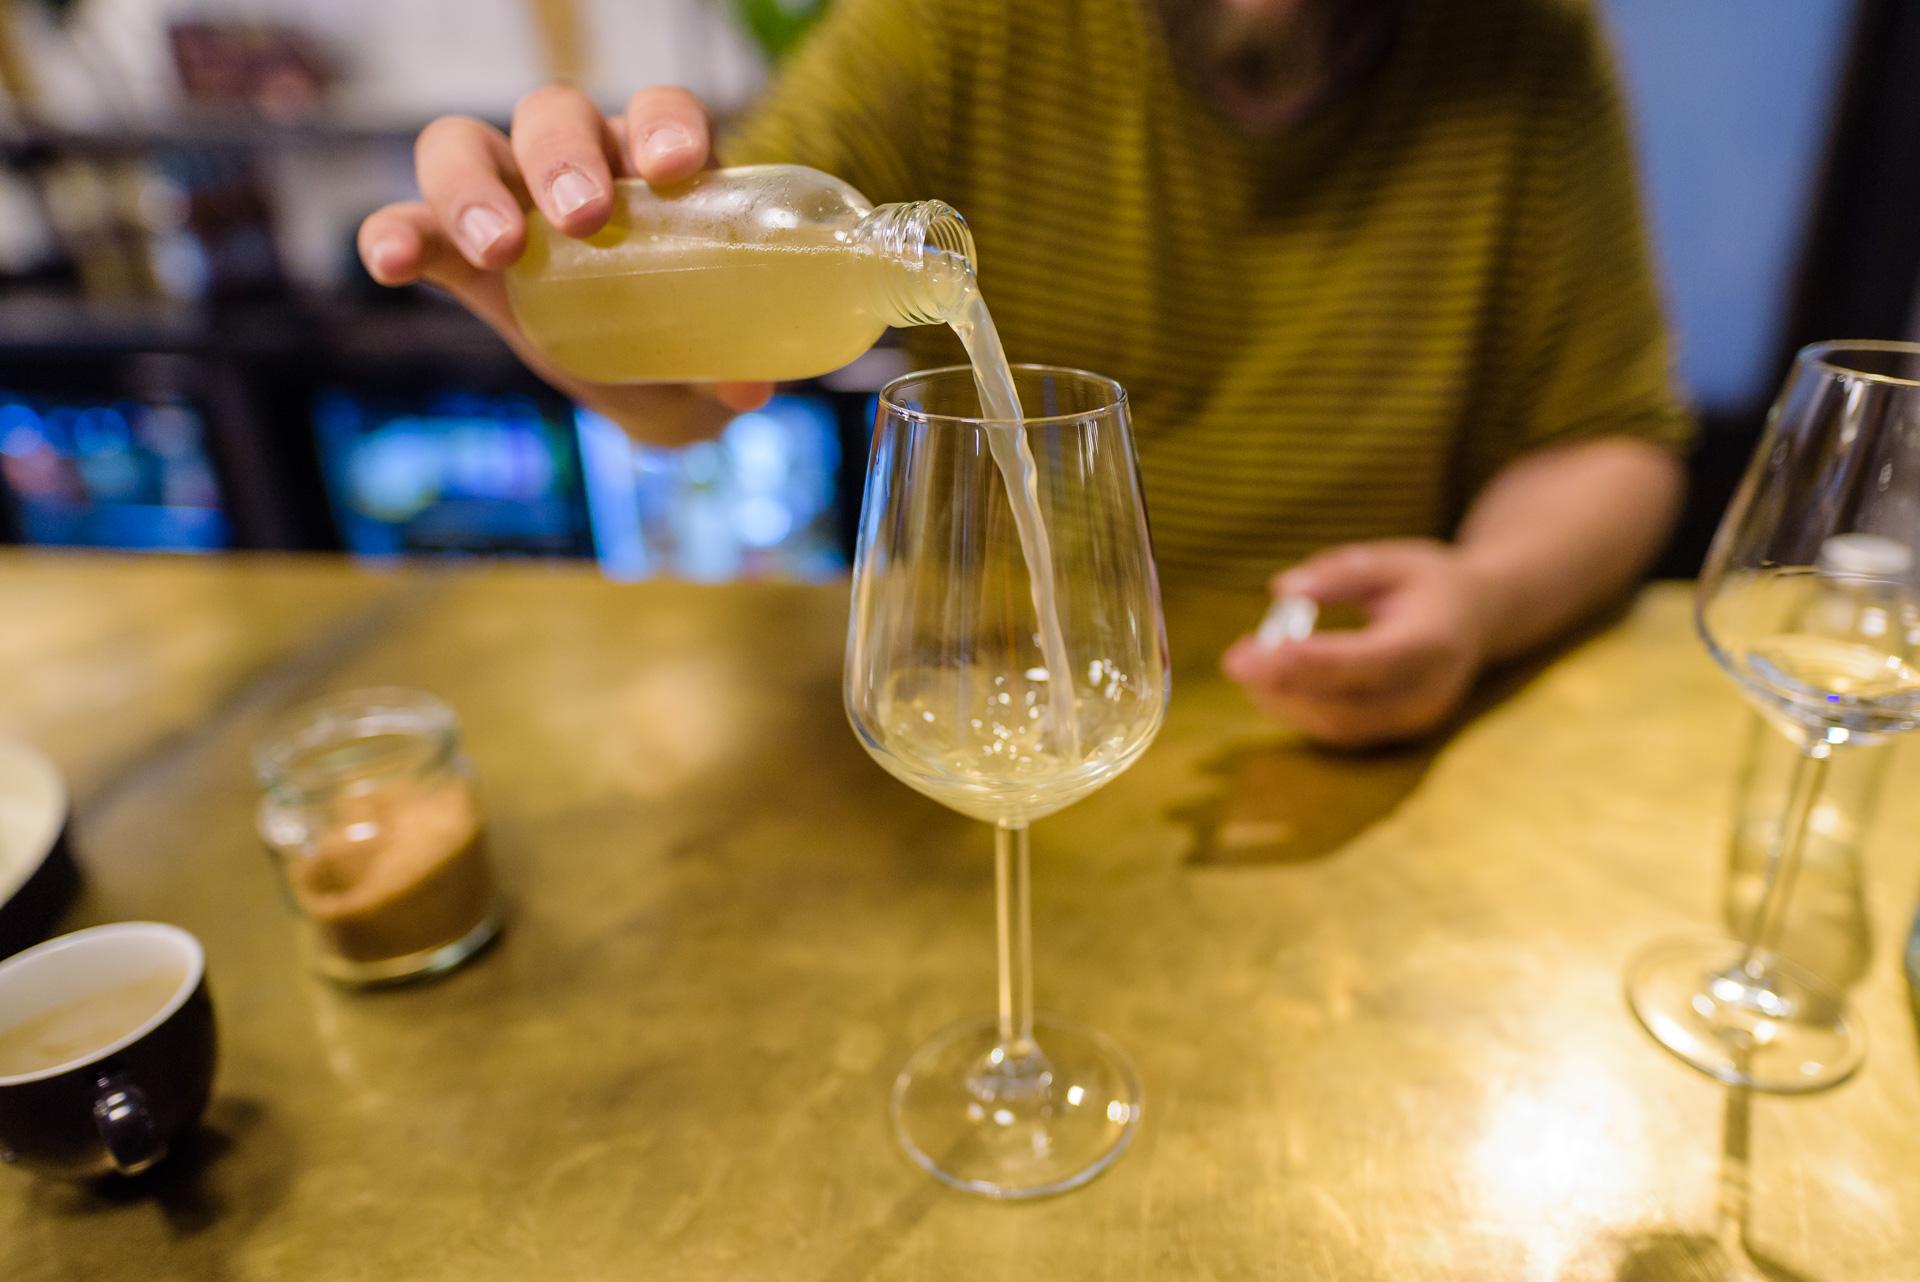 Cocktail-uri românești și beri artizanale musai de încercat la DOT